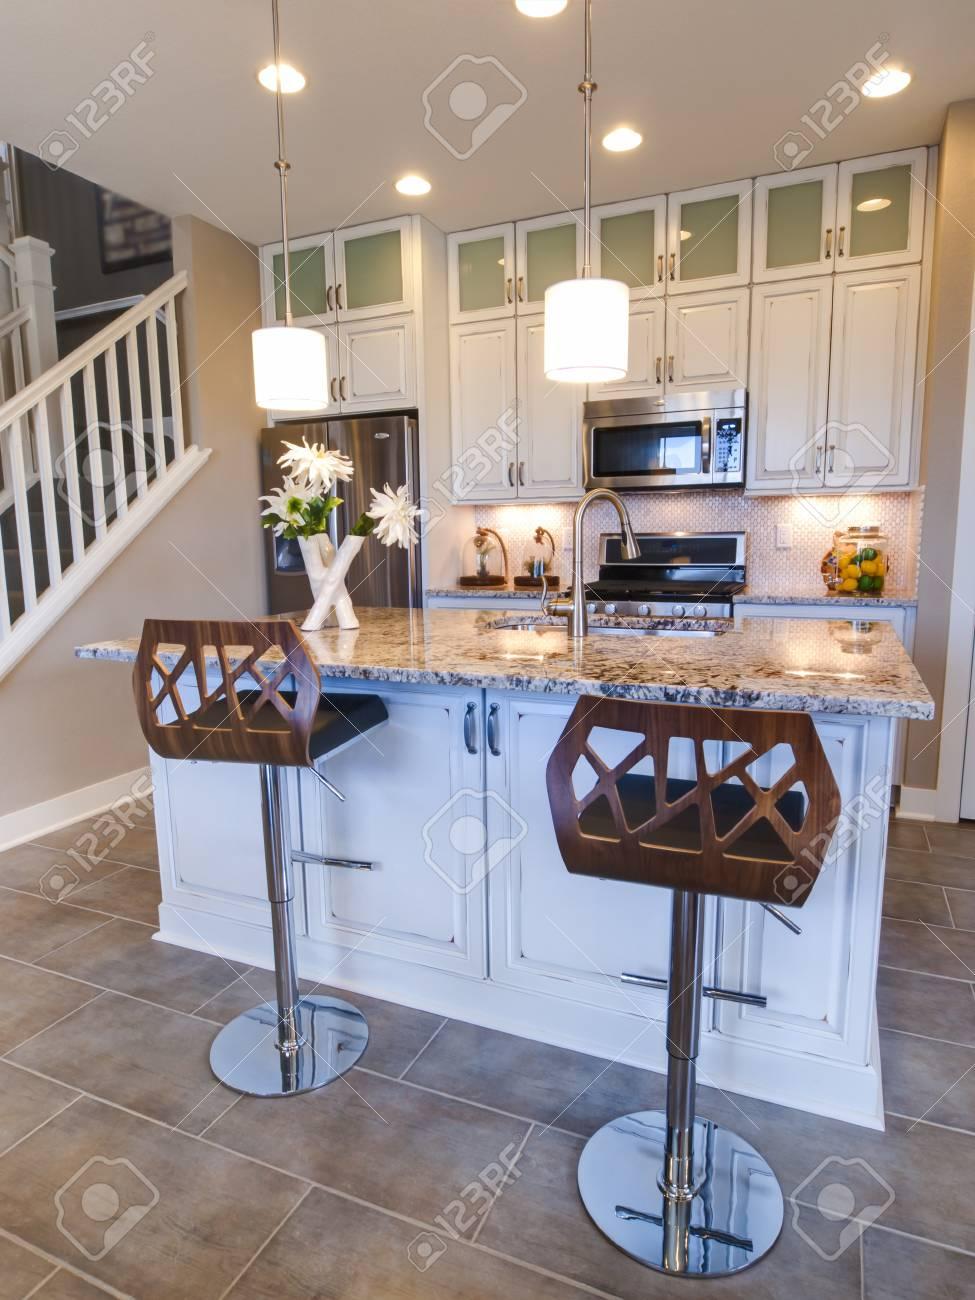 Cocina Moderna Con Muebles Blancos Y Electrodomésticos De Acero ...